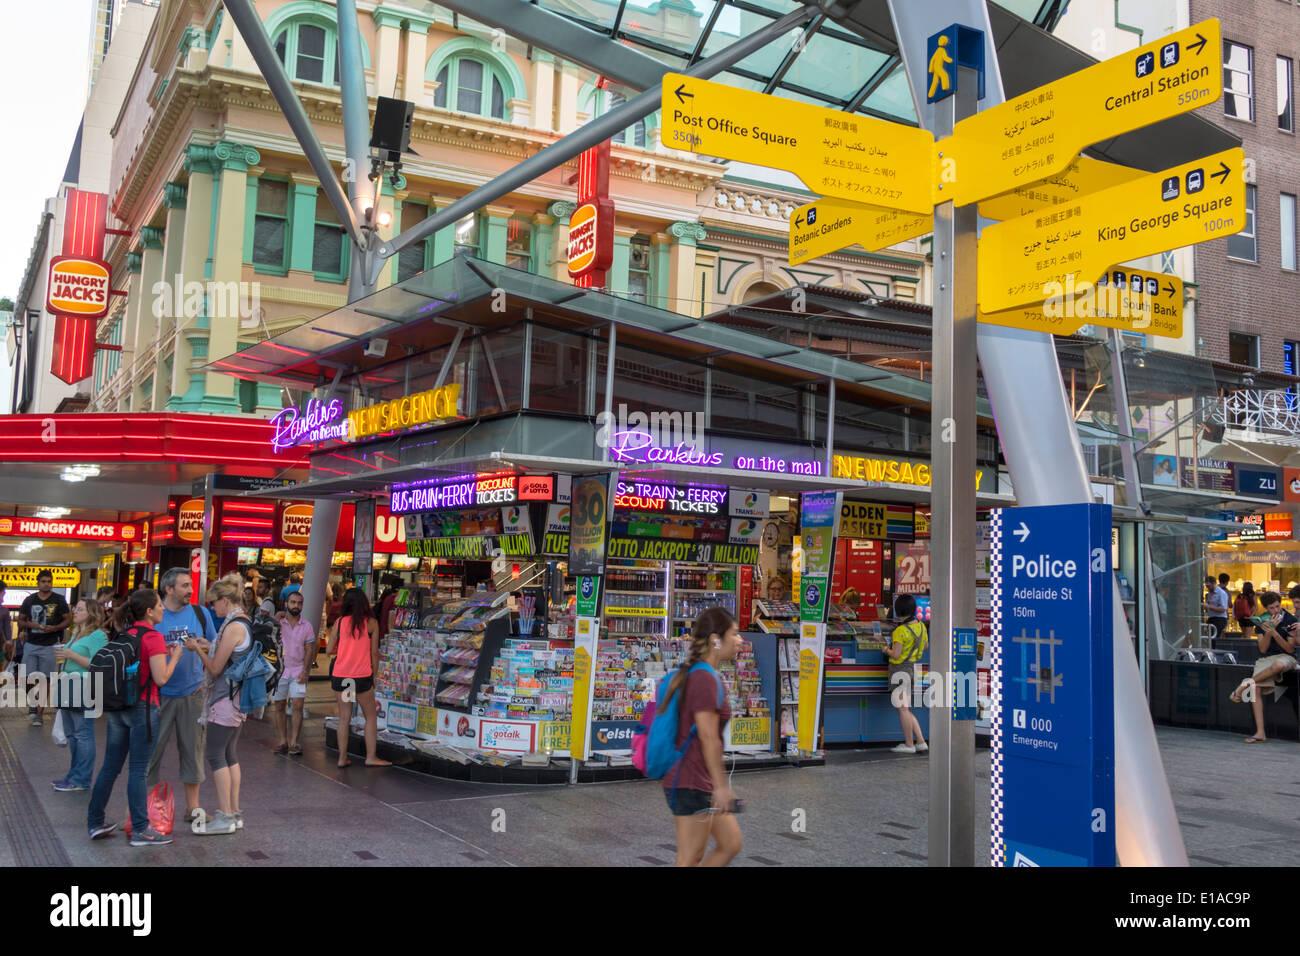 Brisbane Australia Queensland Central Business District CBD Queen Street Mall shopping Promenade Mann Frau Rankins Nachrichtenagentur Kiosk Neon Schild sig Stockbild